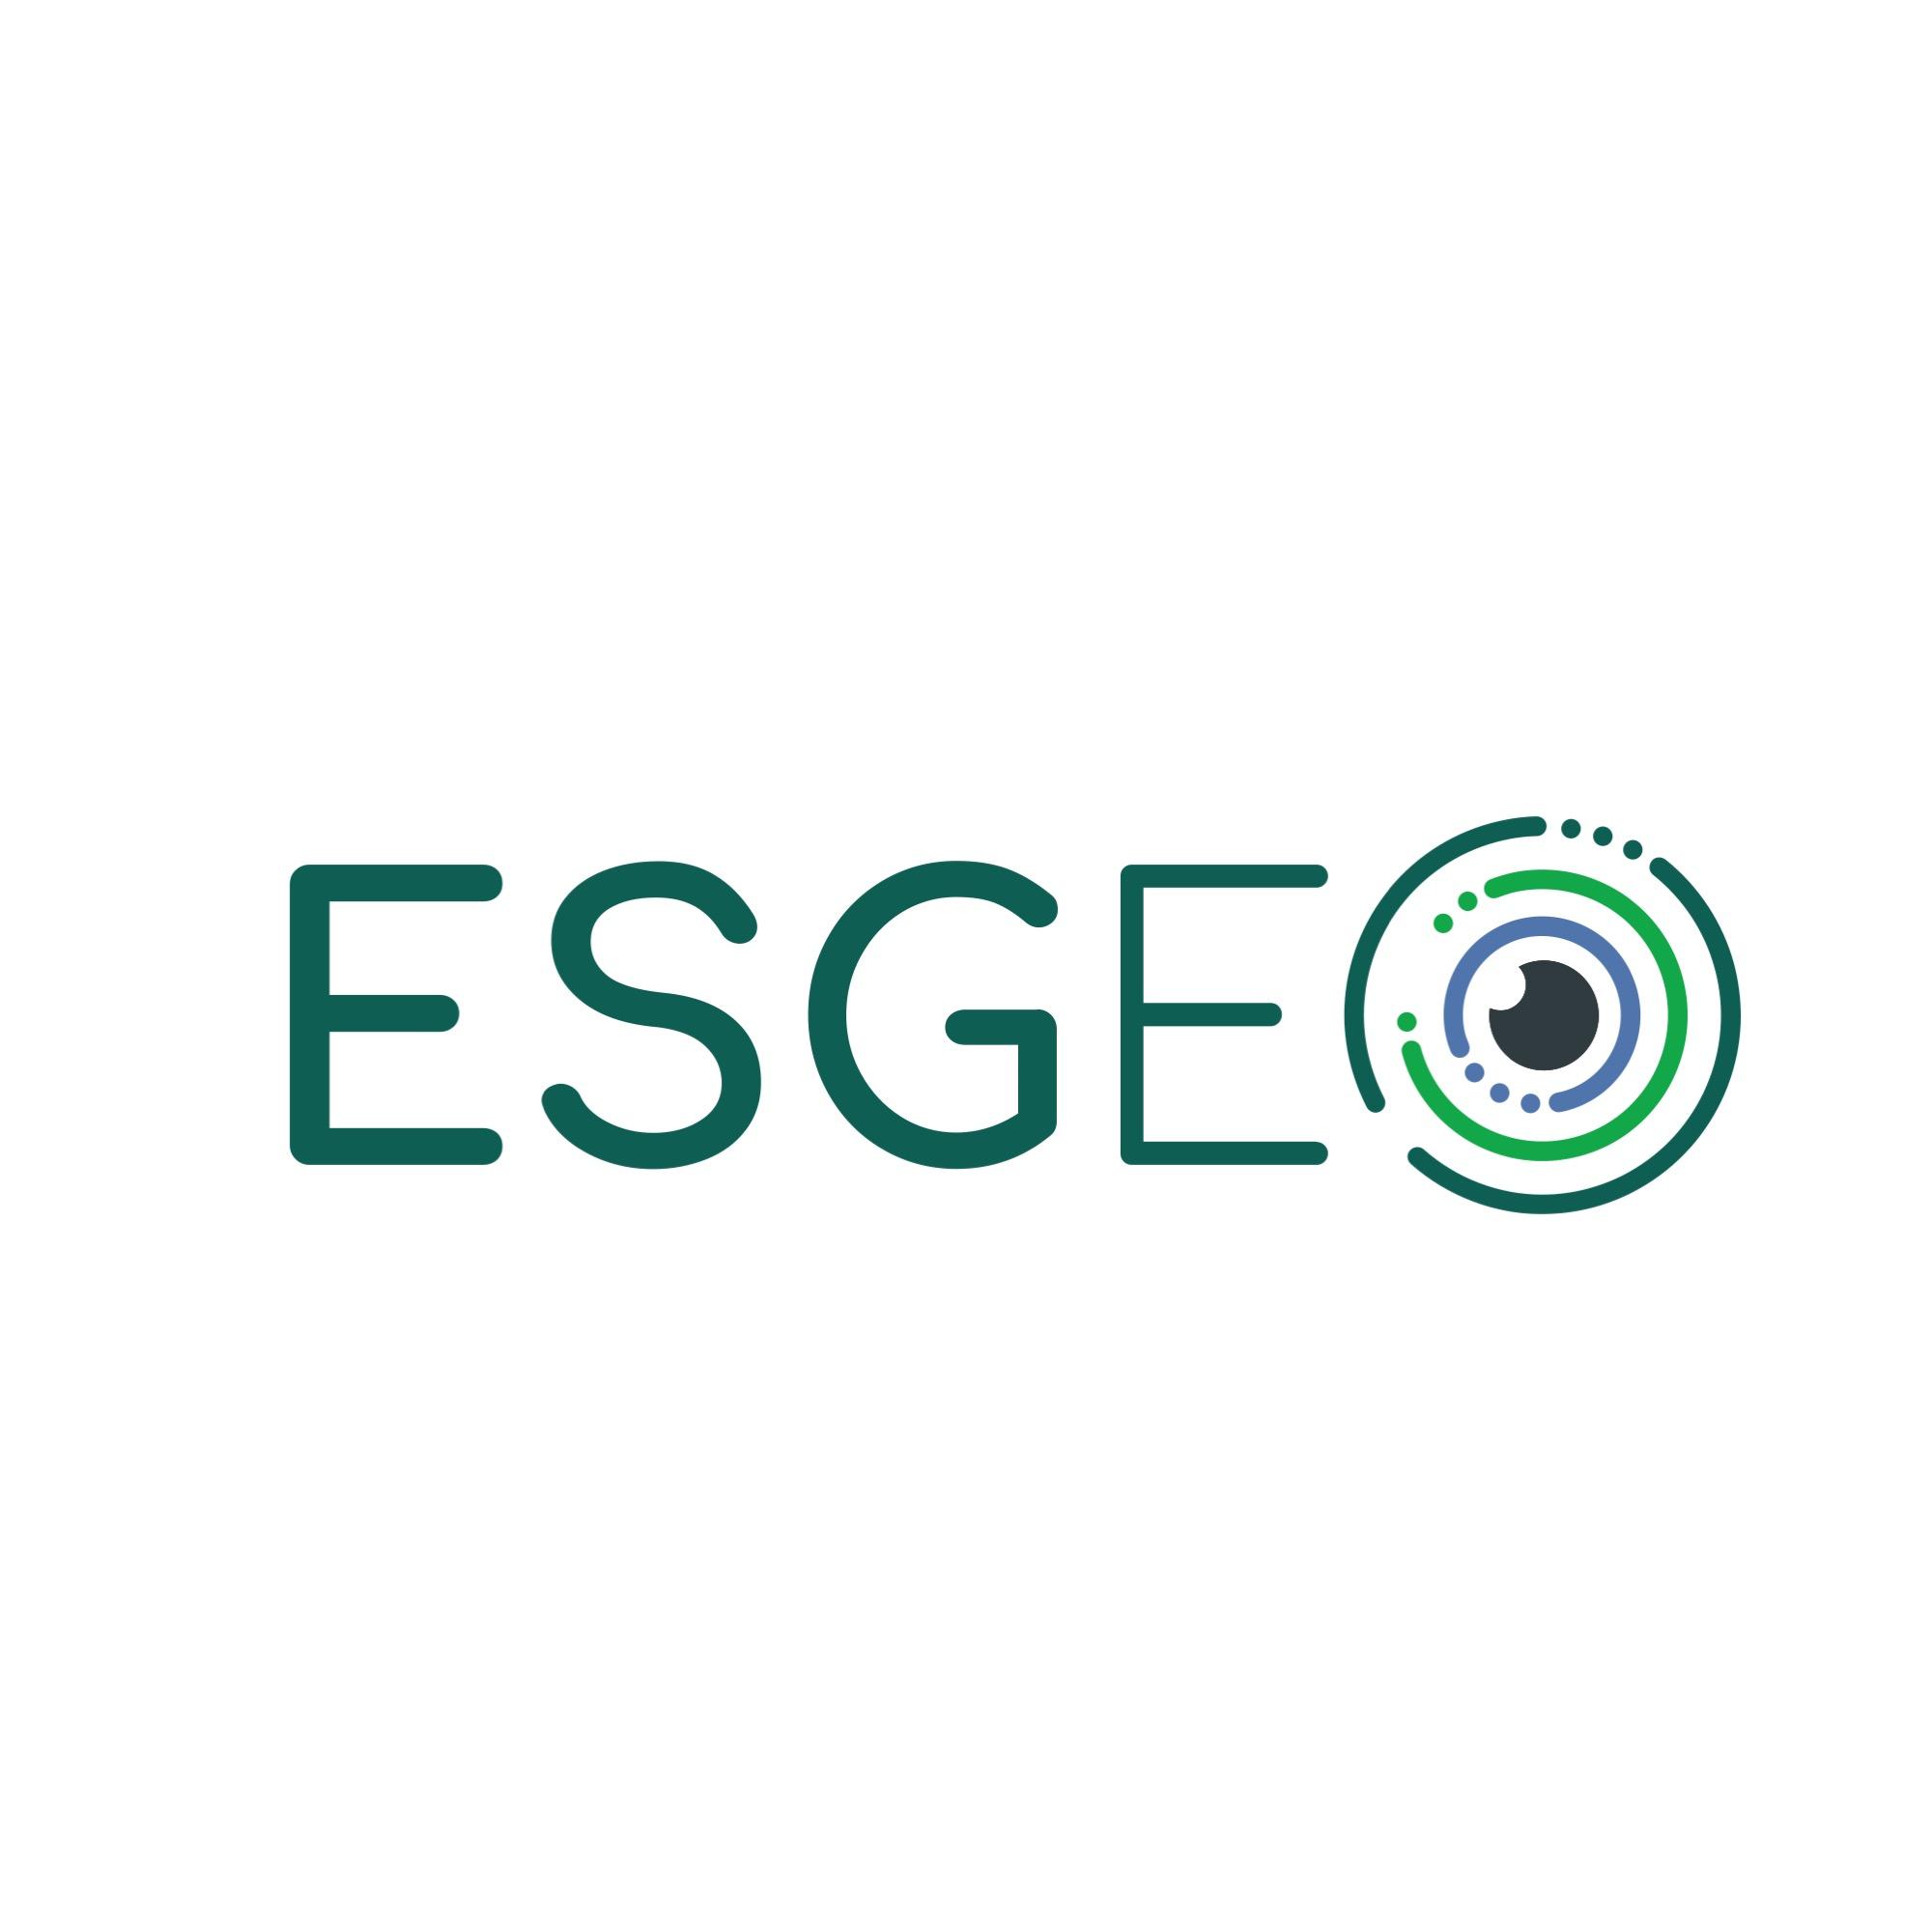 ESGEO - Bancassicurazione